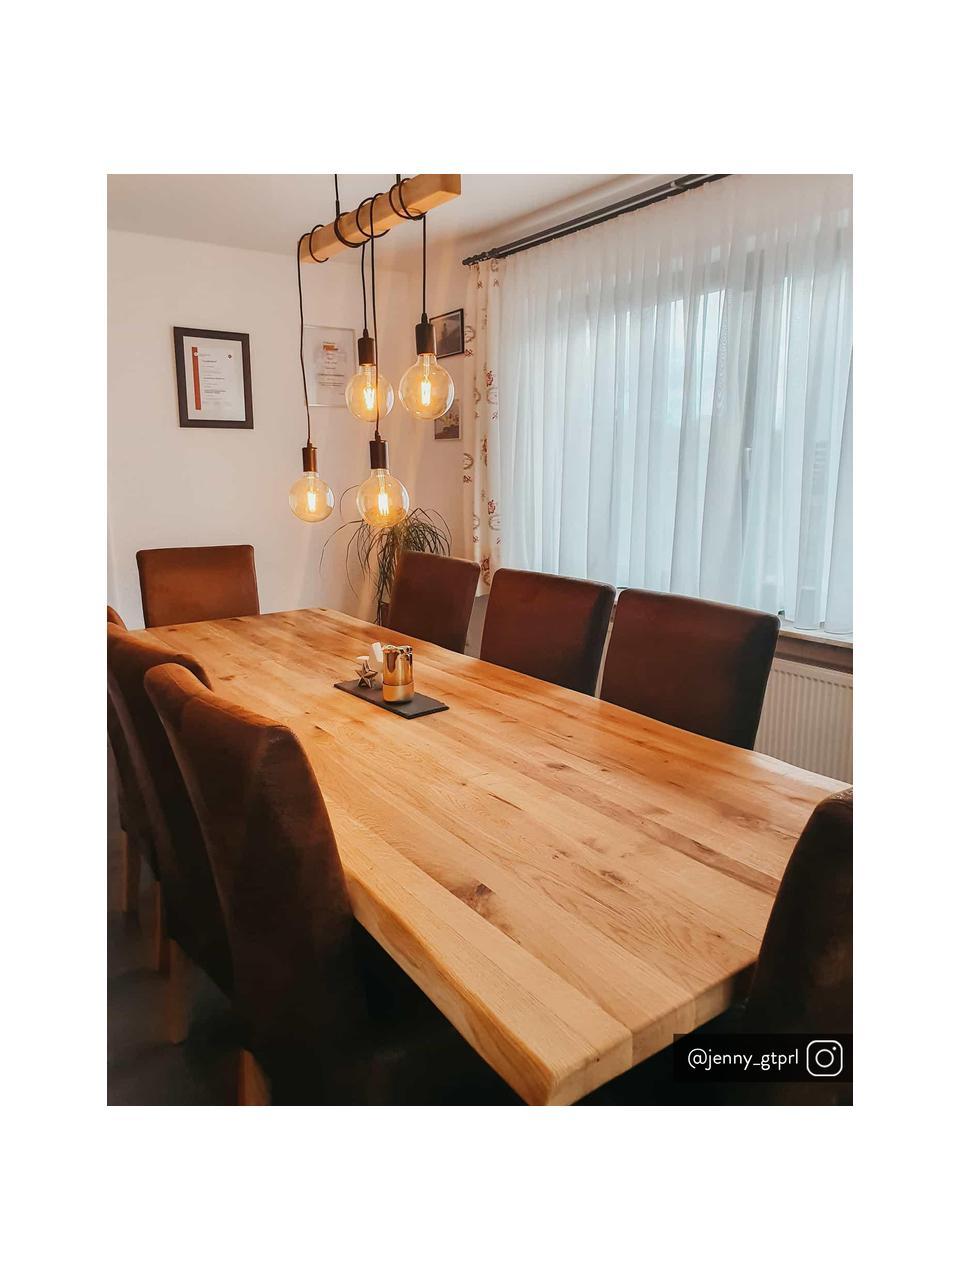 Lampada a sospensione in legno Townshend, Struttura: legno di albero della gom, Baldacchino: acciaio verniciato, Nero, legno, Larg. 70 x Alt. 25 cm